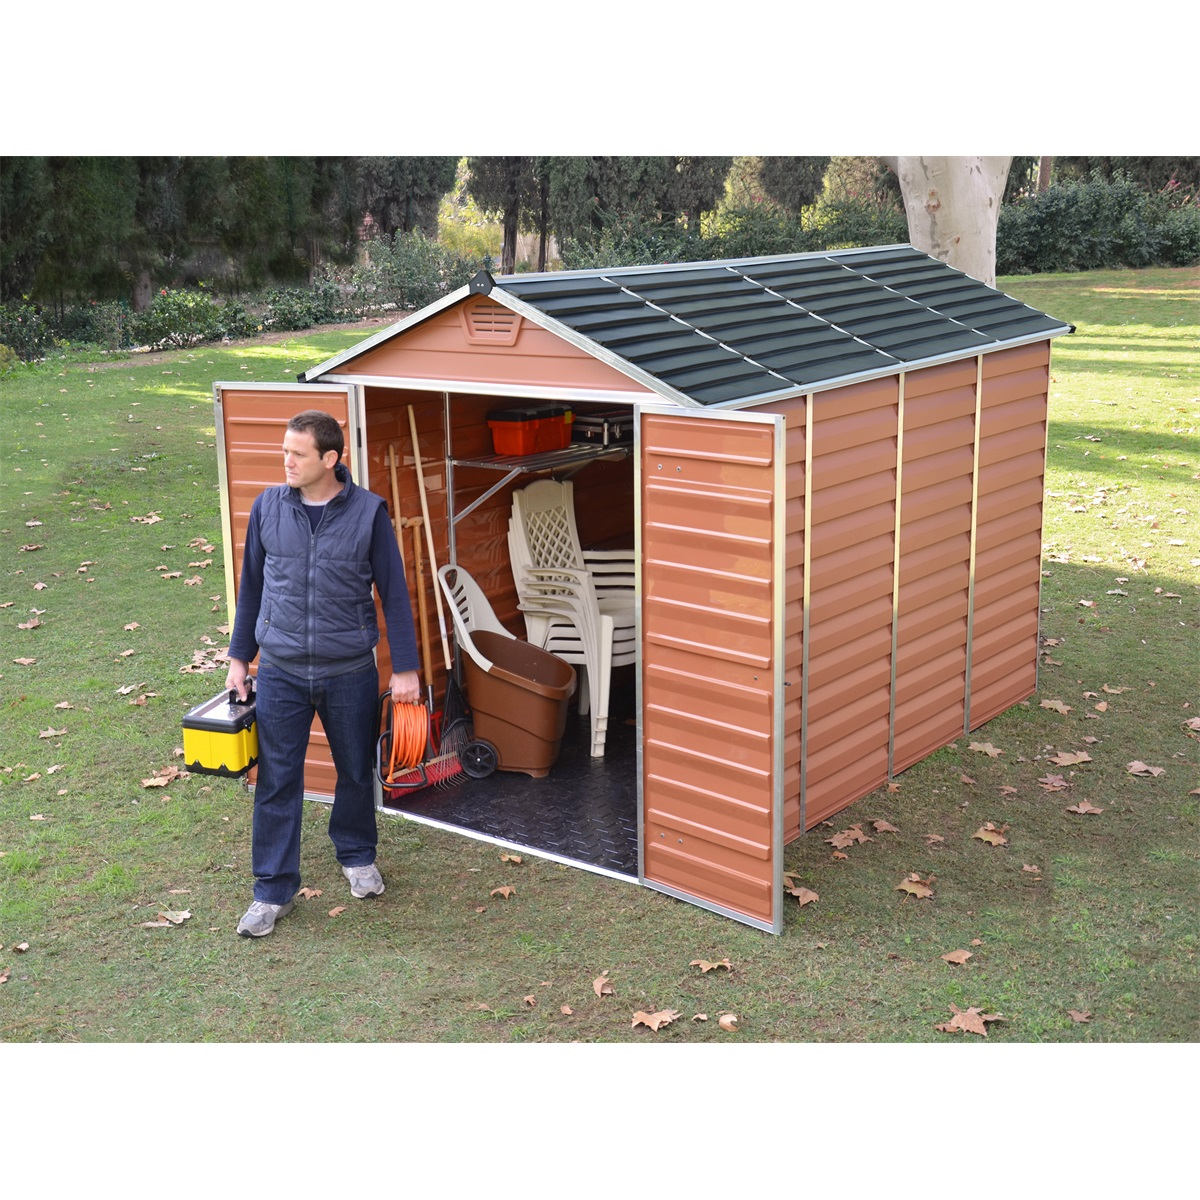 Palram Skylight 6x10 hnedý, záhradný domček